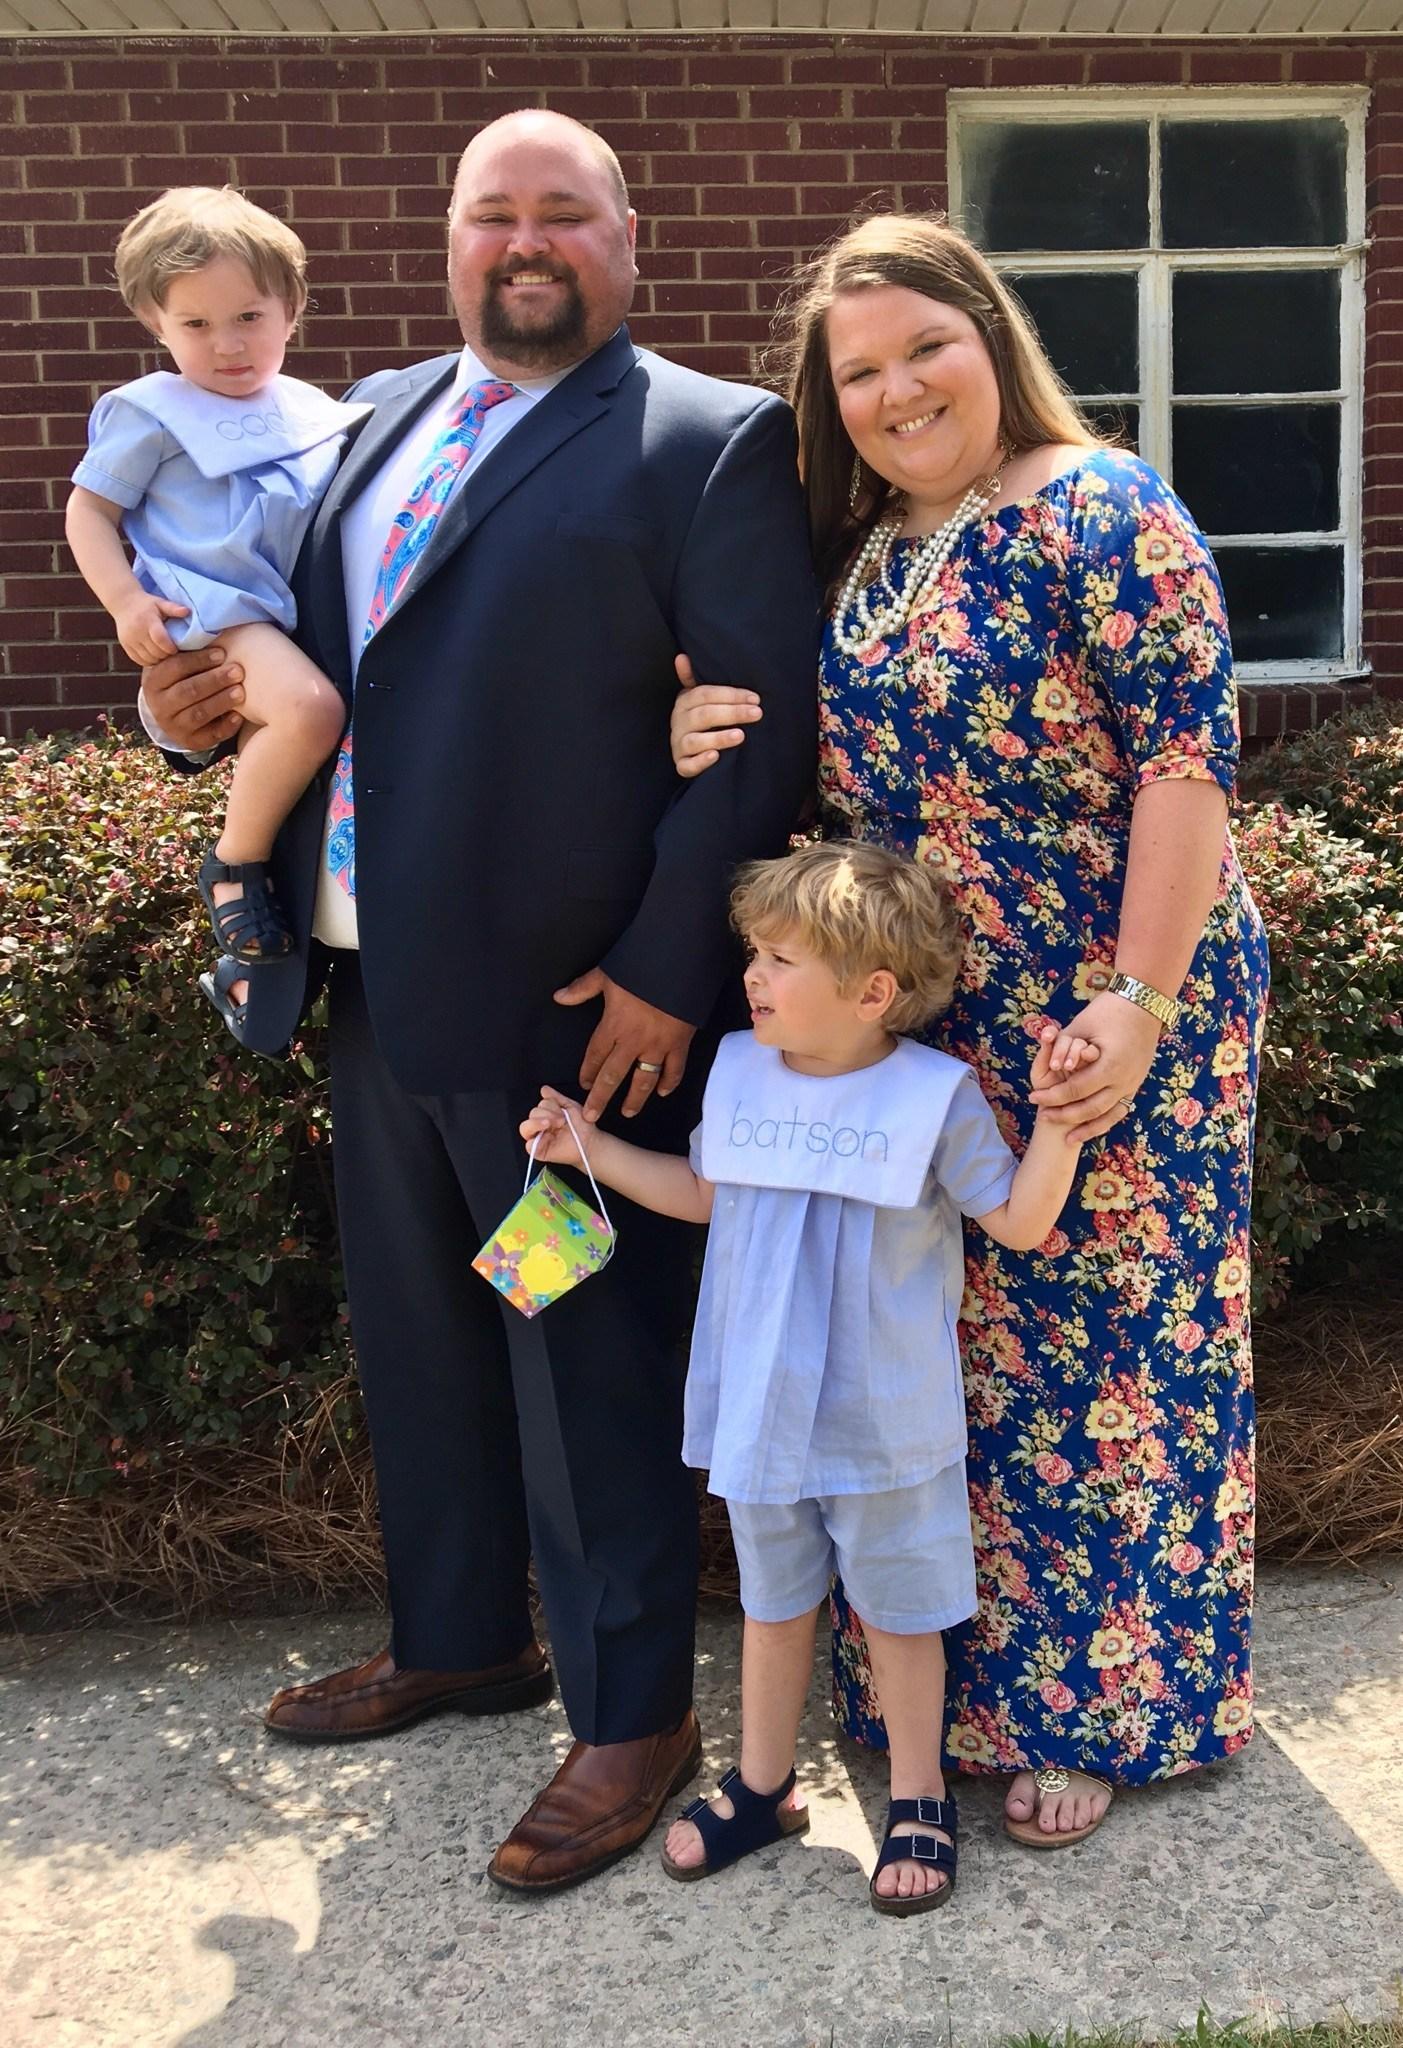 The Deaver Family